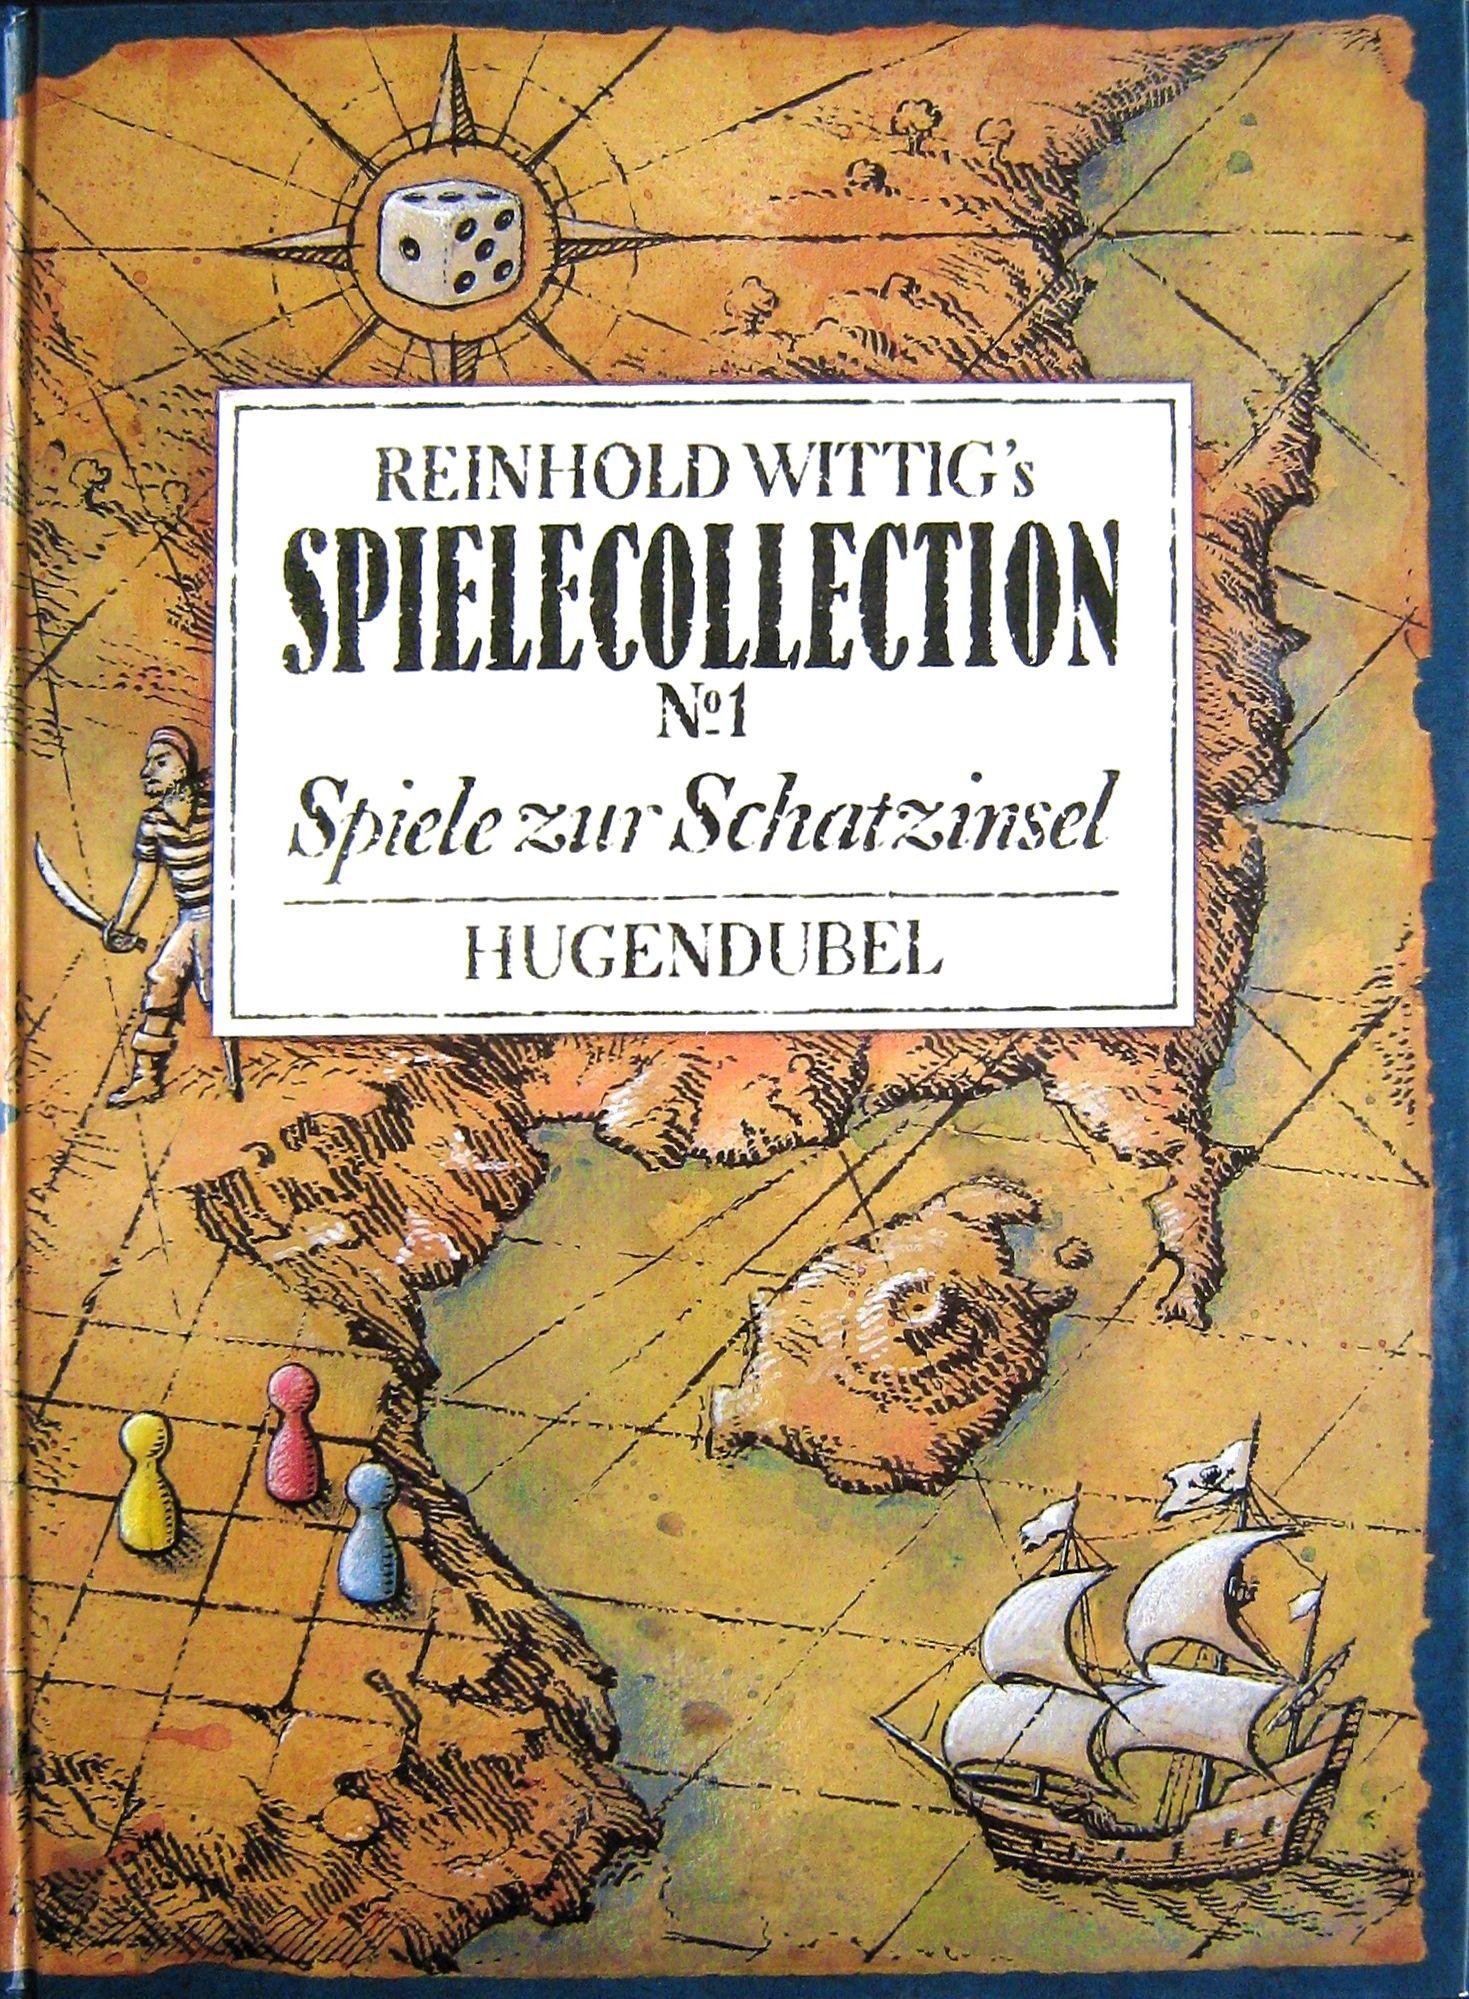 Reinhold Wittig's SPIELECOLLECTION No. 1 Spiele zur